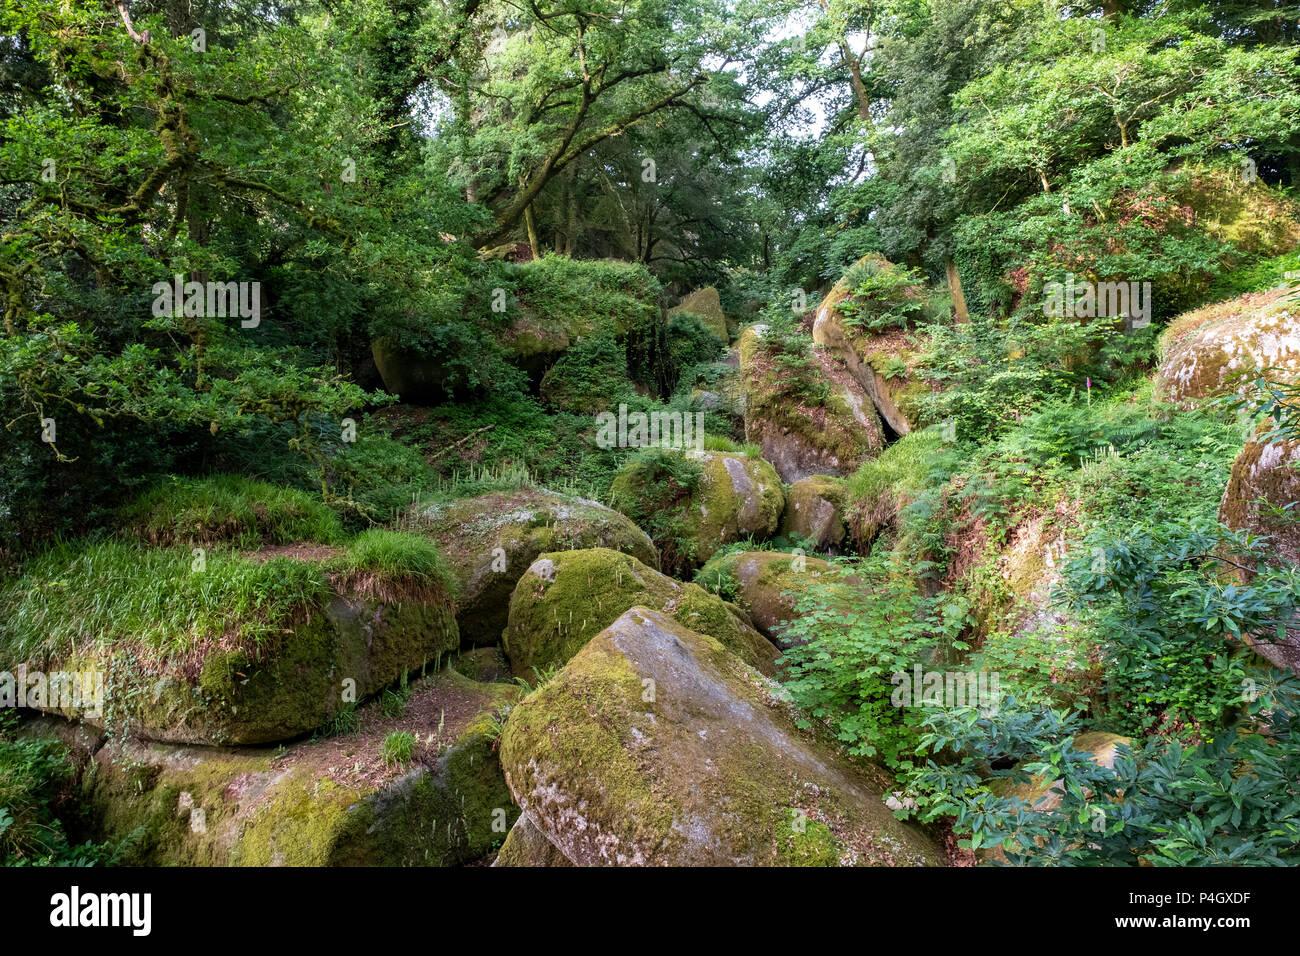 Le Chaos de Rochers, Huelgoat, Finistère, Bretagne, Frankreich Stockbild